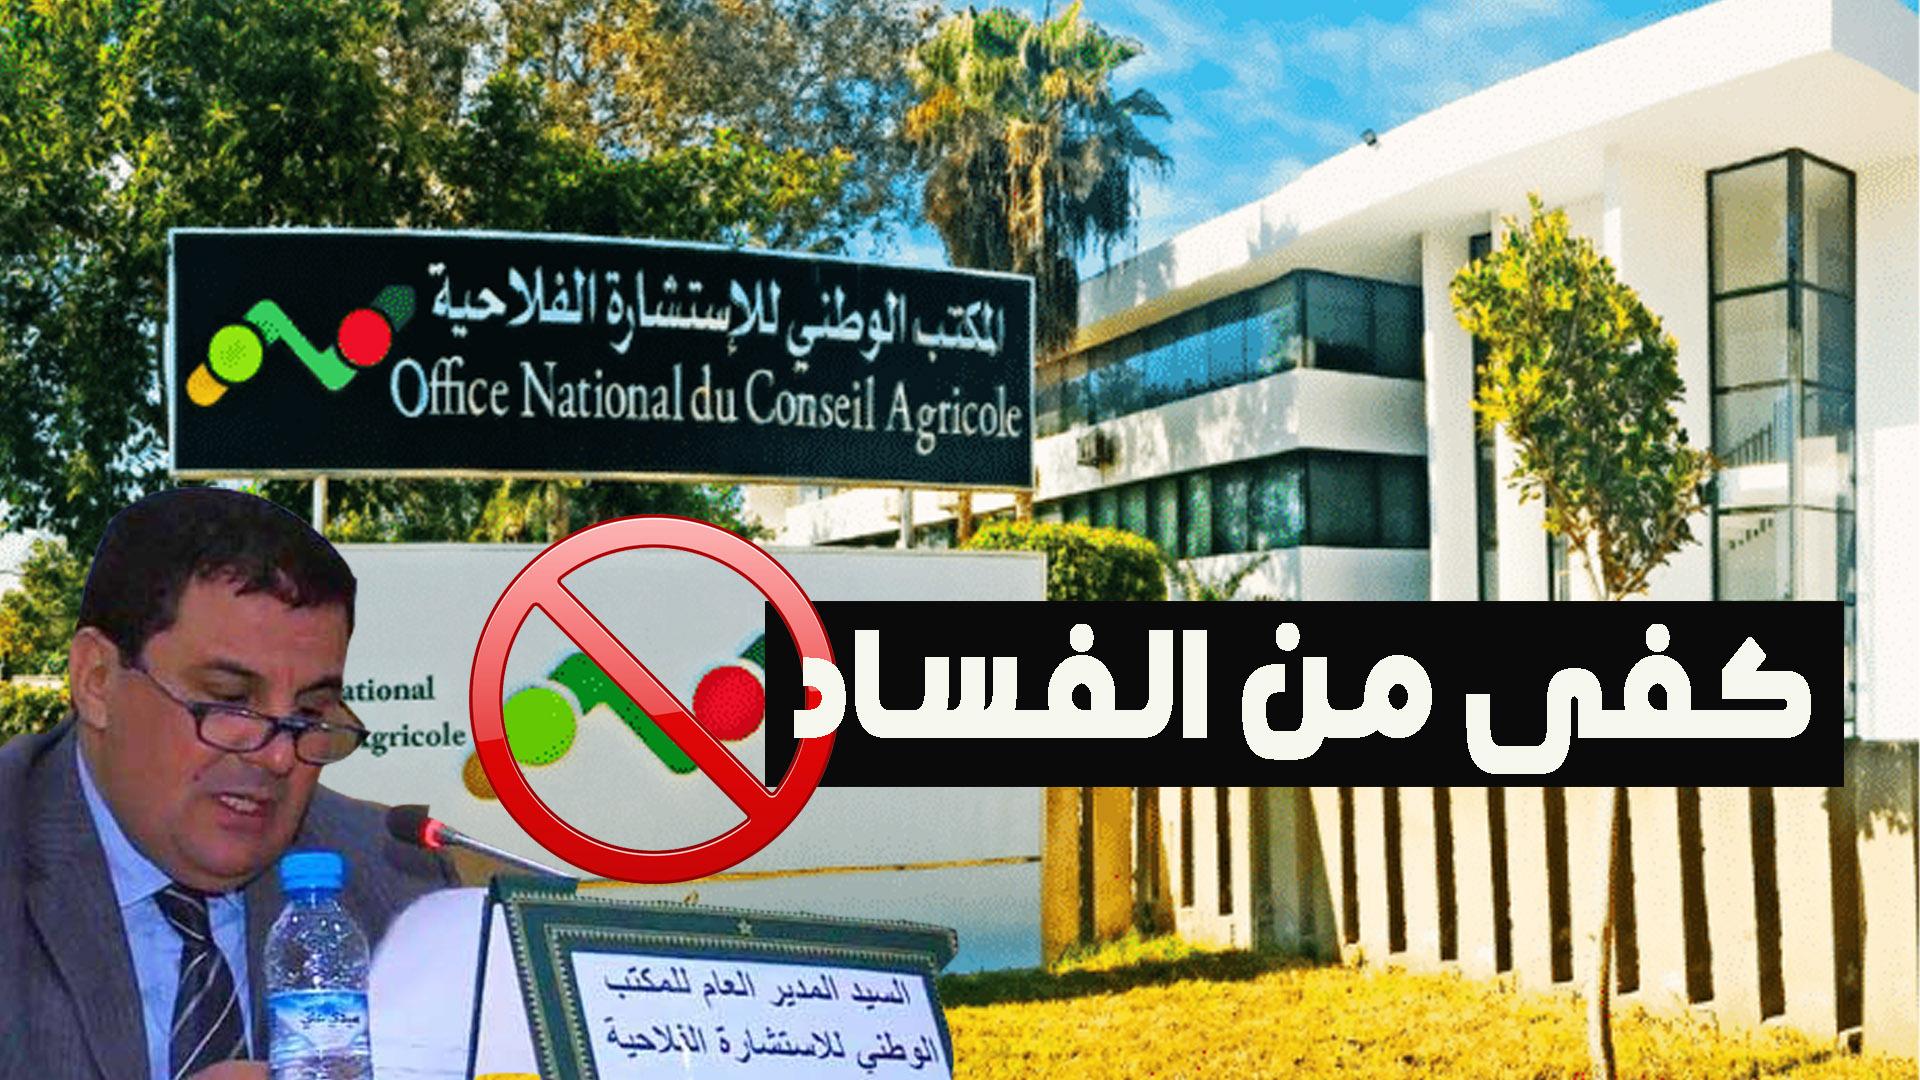 الفساد بالمكتب الوطني للاستشارة الفلاحية